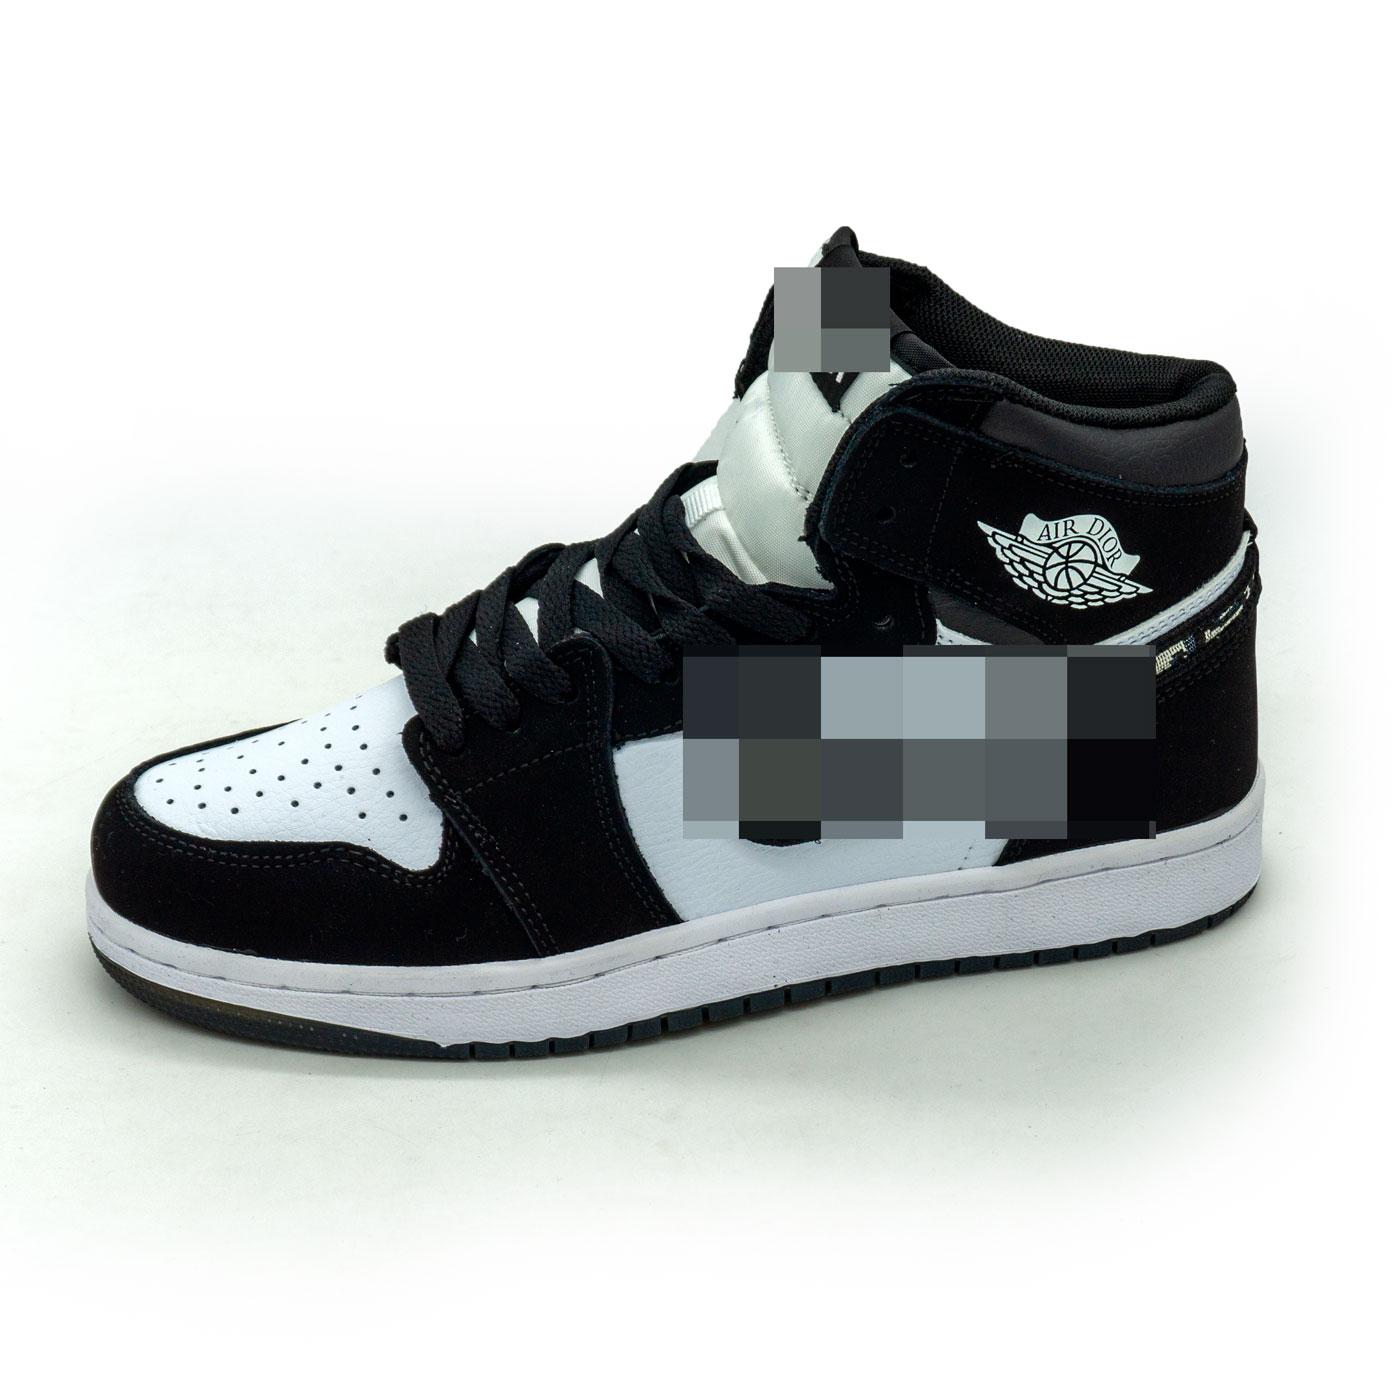 фото main Высокие черно белые кроссовки Nke Air Jordan 1 Dior main